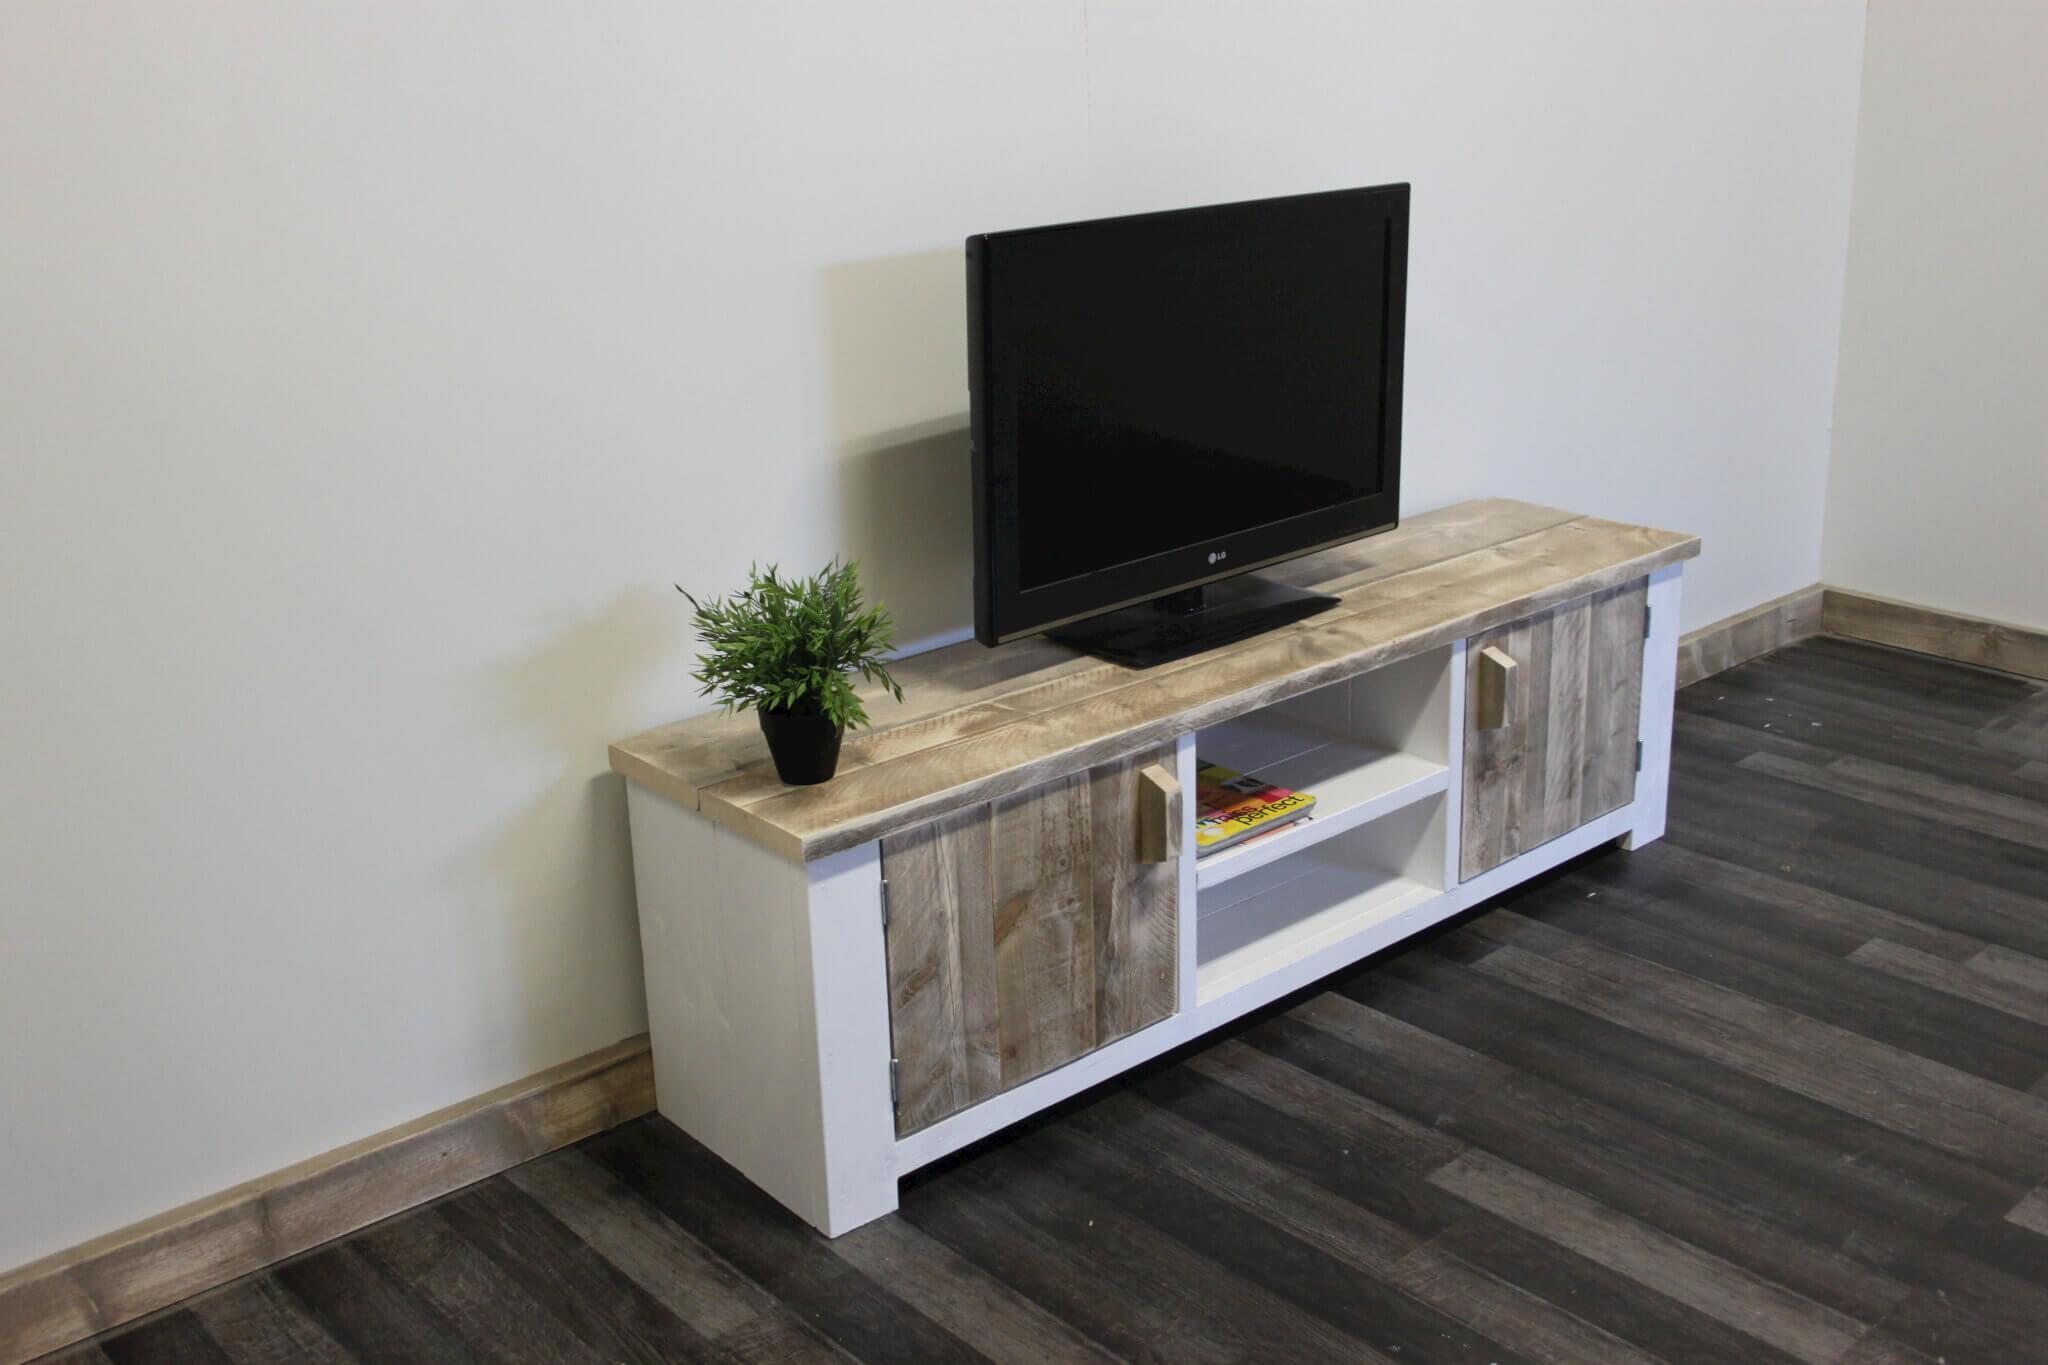 Tv Meubel Landelijk : Landelijk tv meubel bo deuren open vak ral